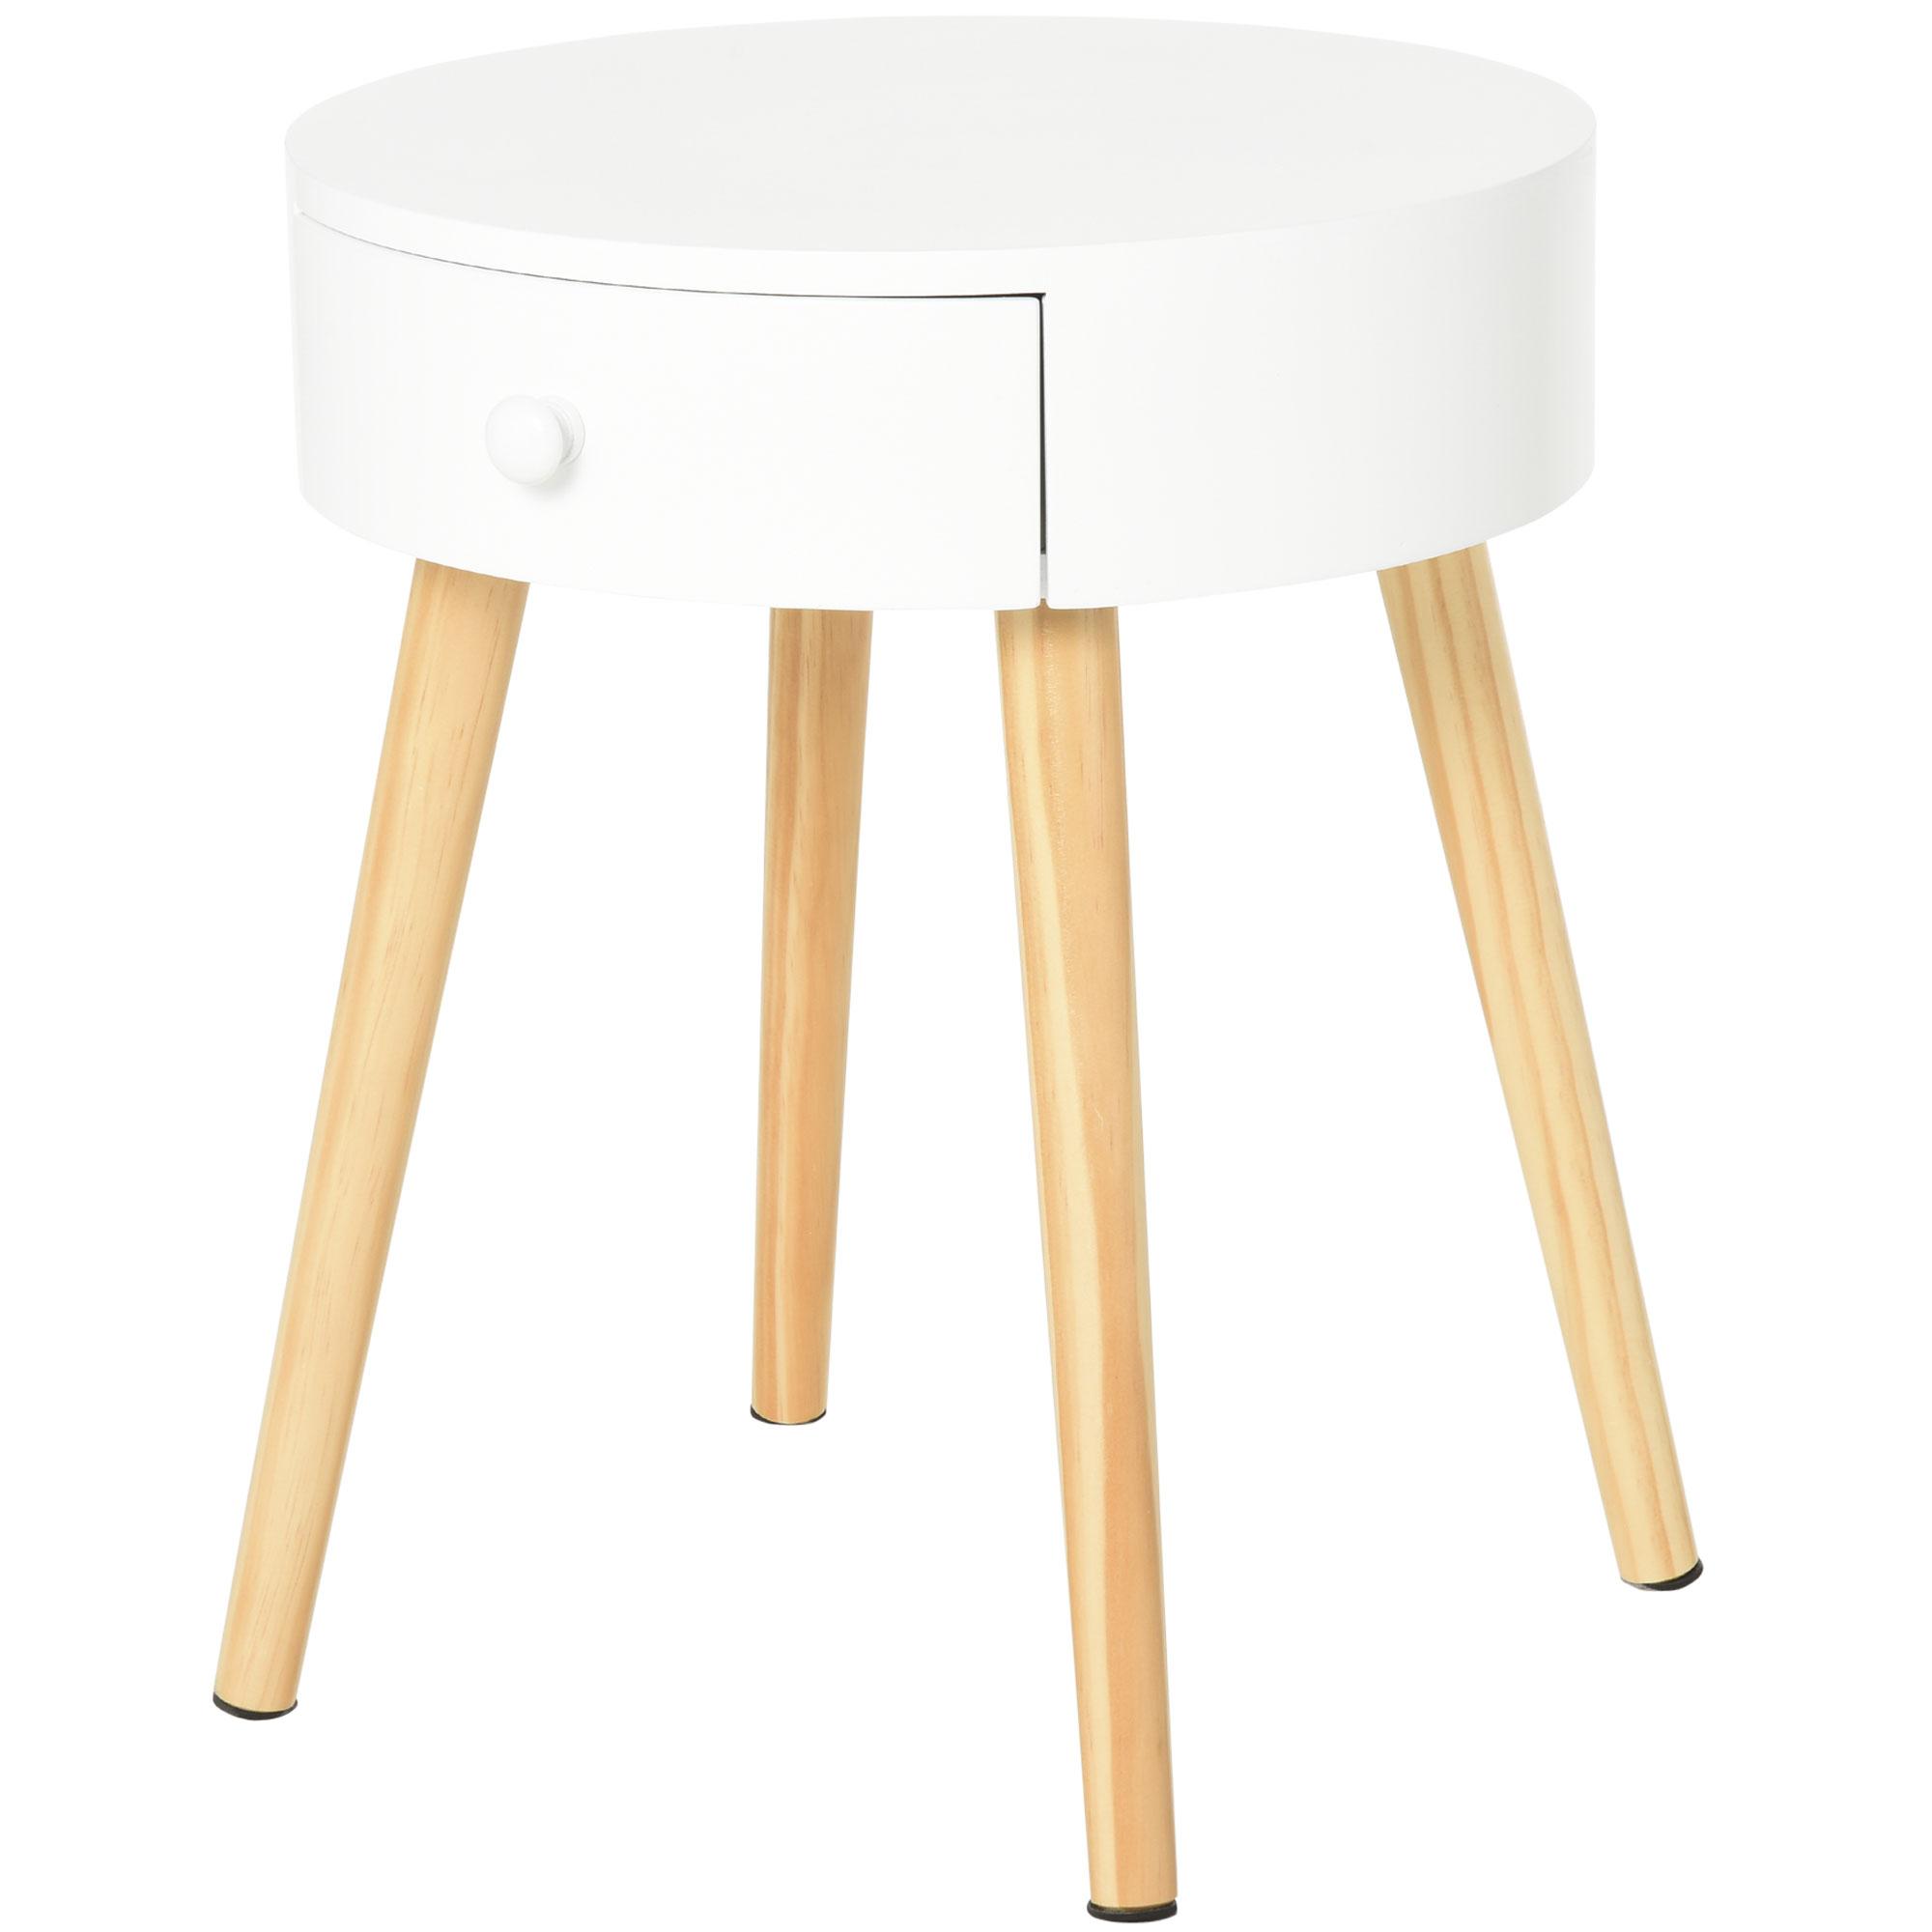 Chevet table de nuit ronde design scandinave (photo)